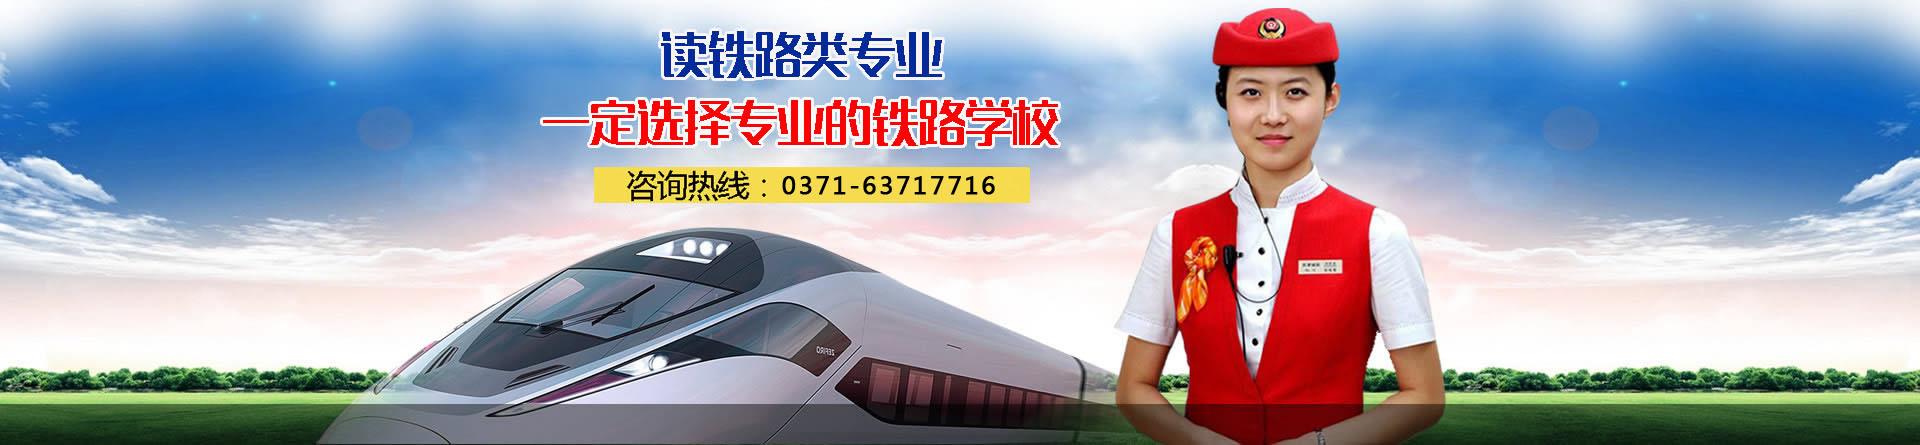 郑州城铁学校是一所专业的轨道交通学校